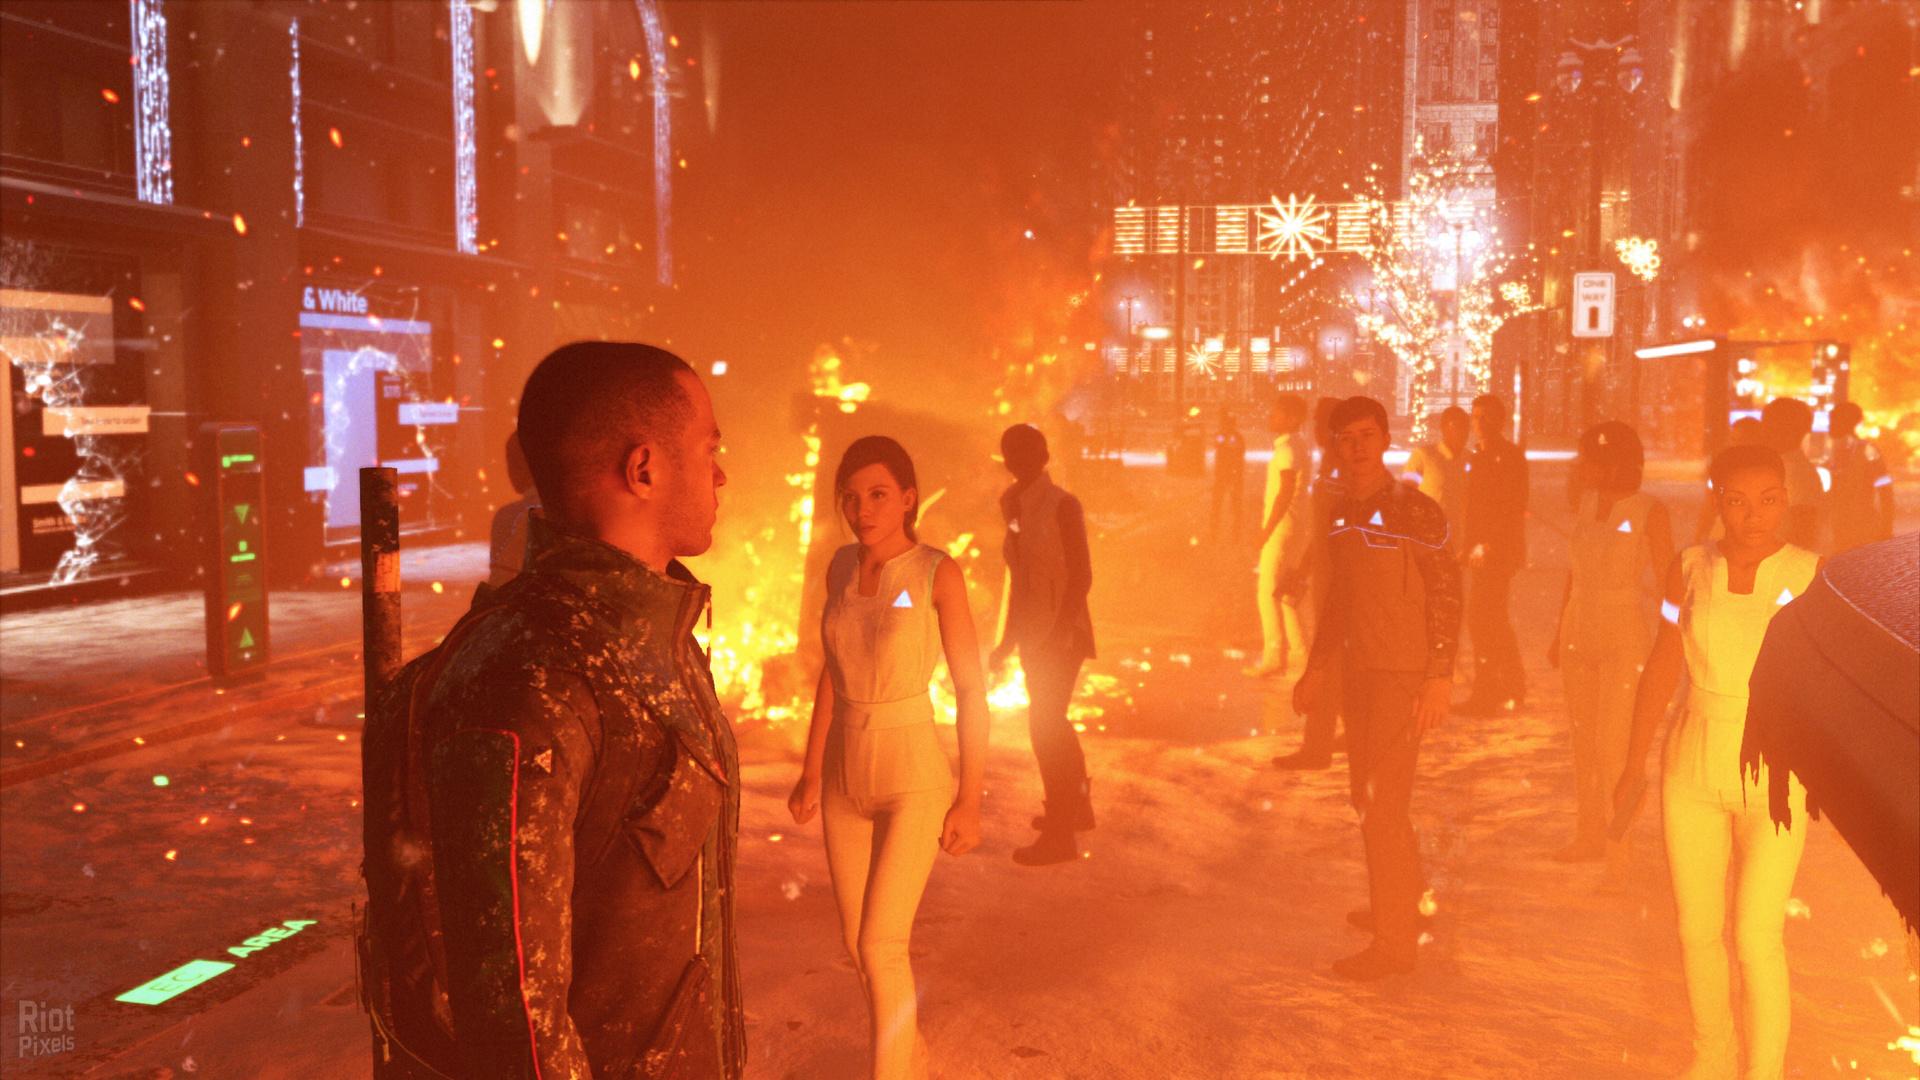 Игра Detroit: Become Human вышла и получает очень высокие оценки в прессе